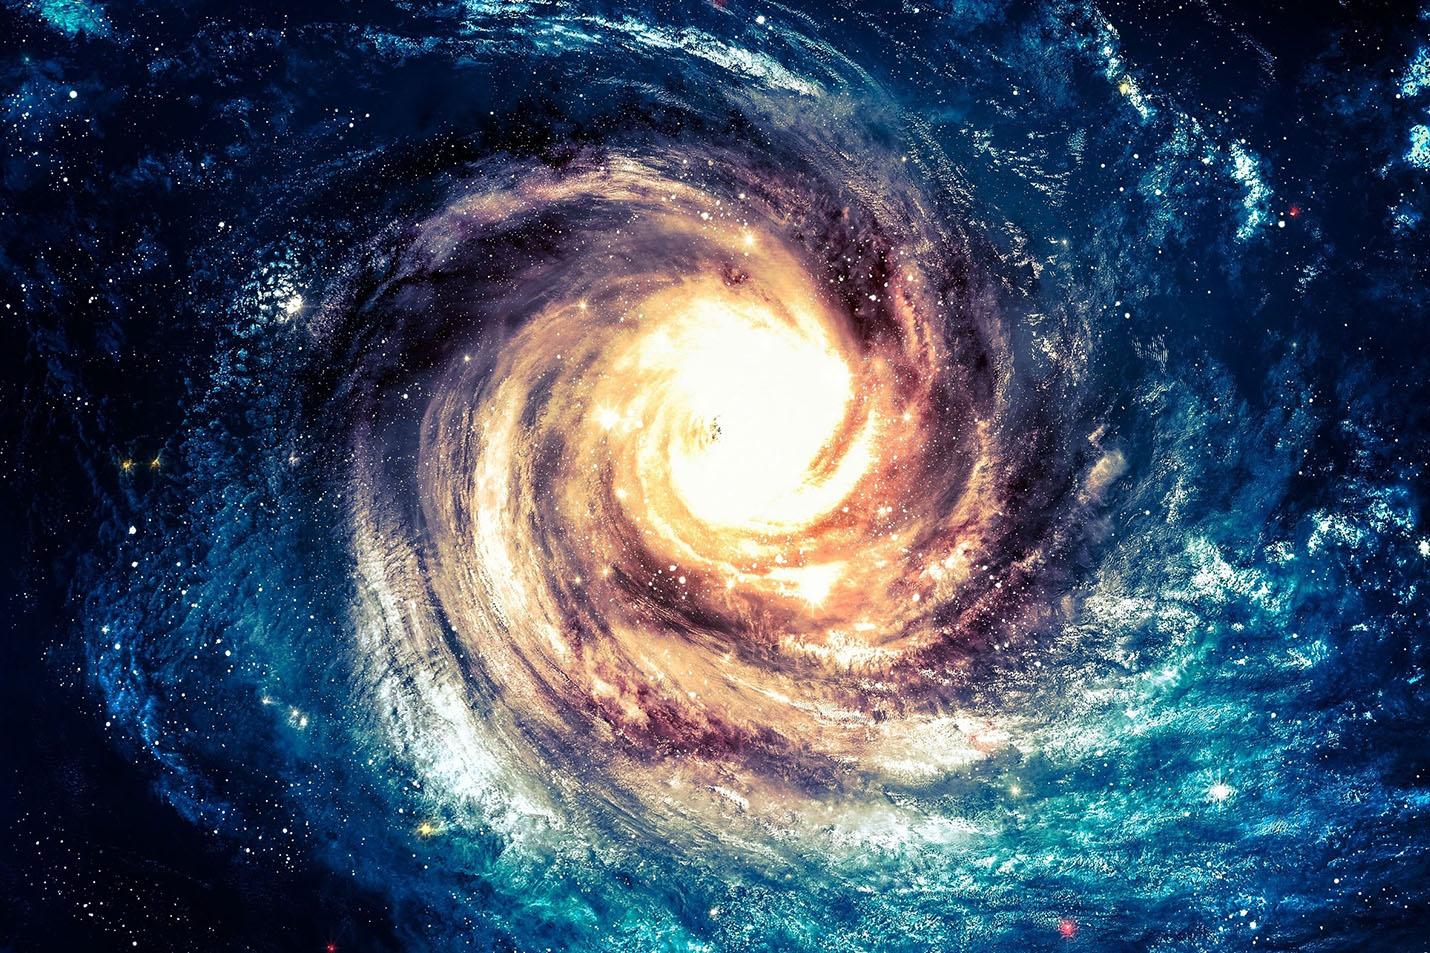 cosmic science space storm energy july report sitael hellas spirit